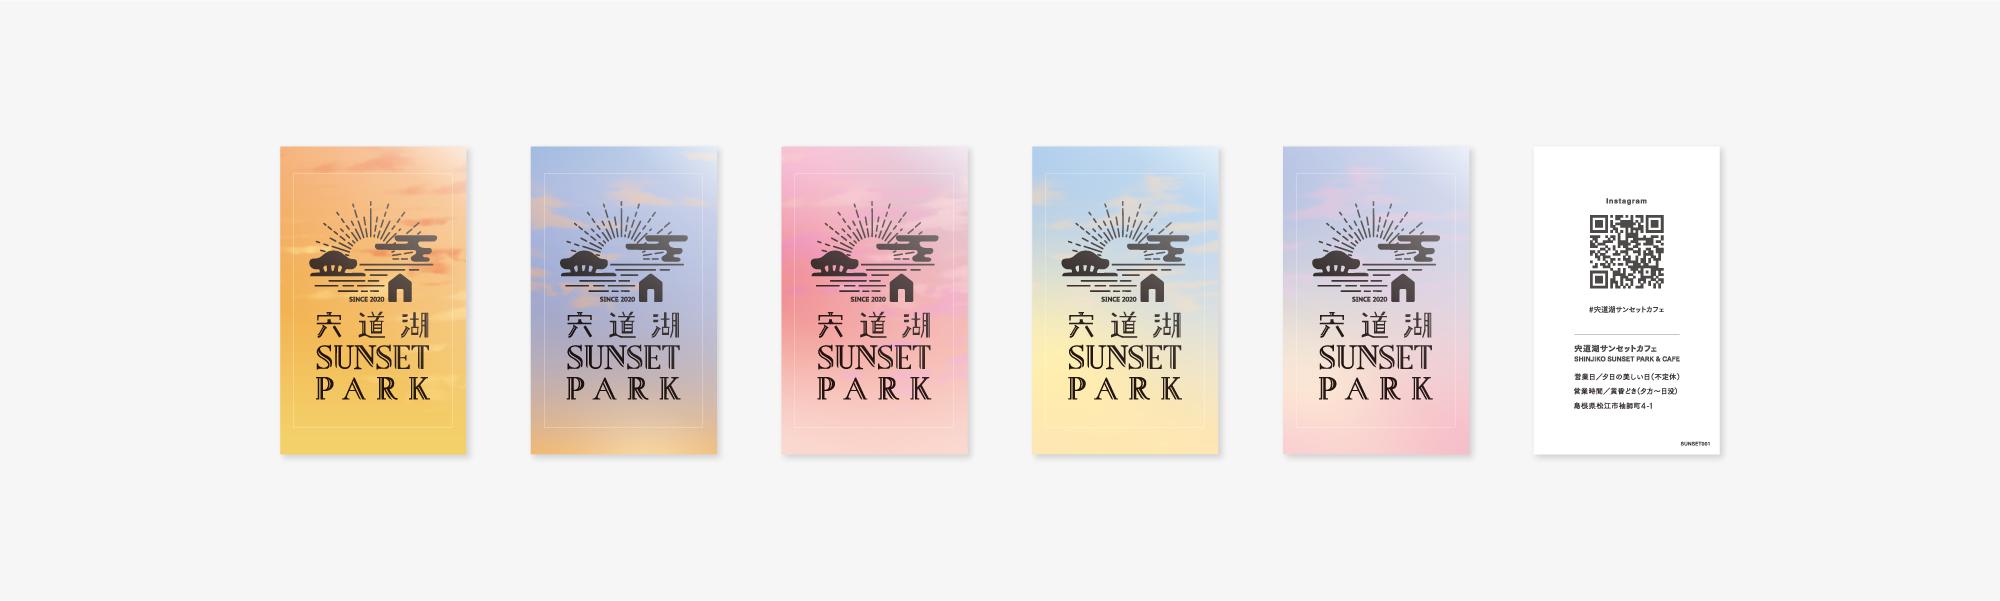 宍道湖サンセットパーク